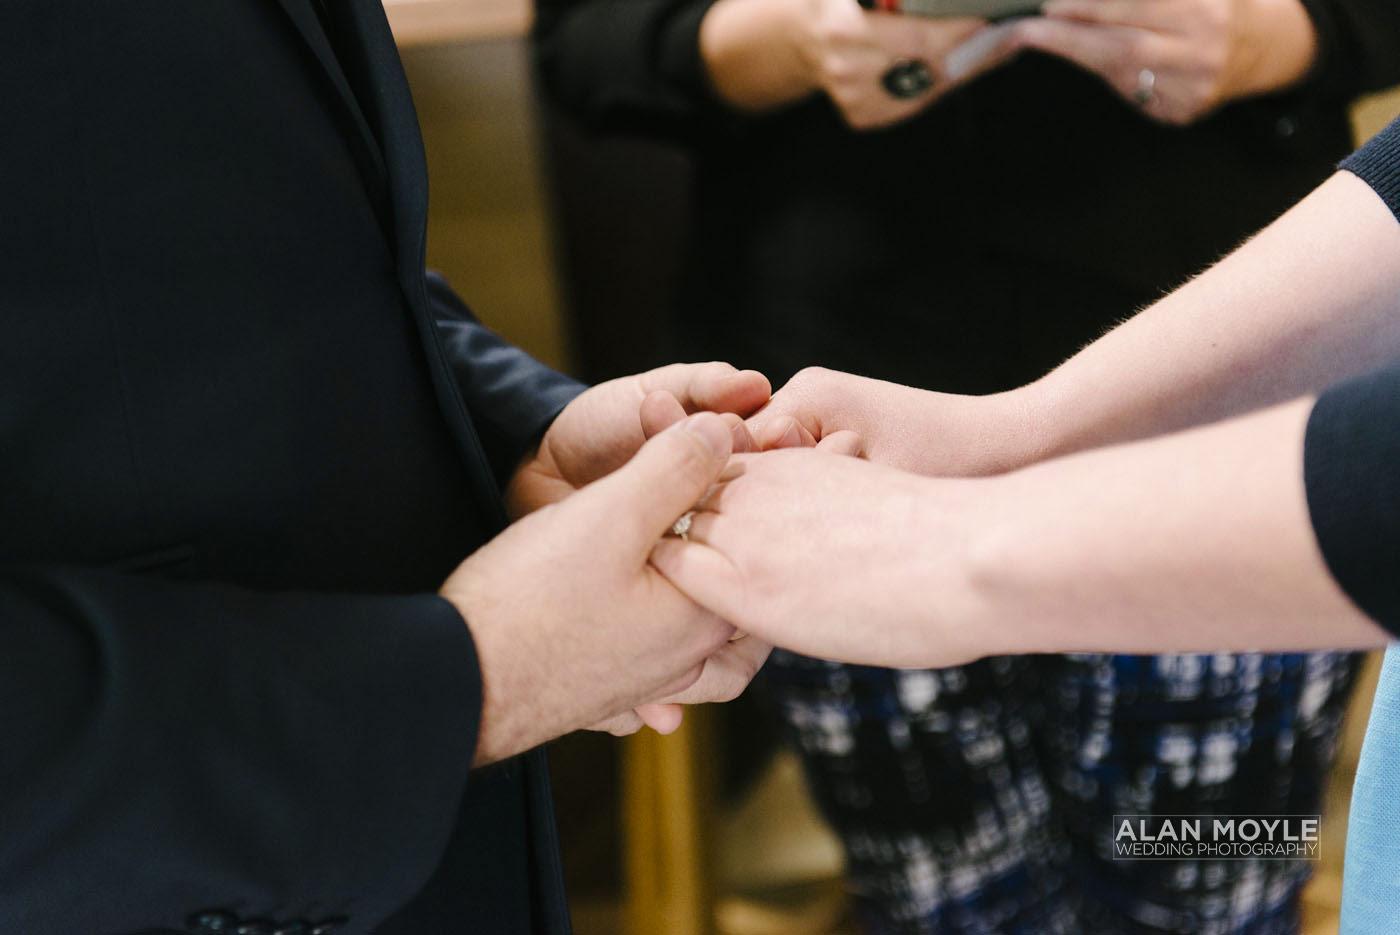 1410kershaw-019-melbourne_wedding_photographer_photography_larwill_studio_orange_elope_bride_blue_bayside_photobat_alan_moyle_winebar_port_melbourne.jpg